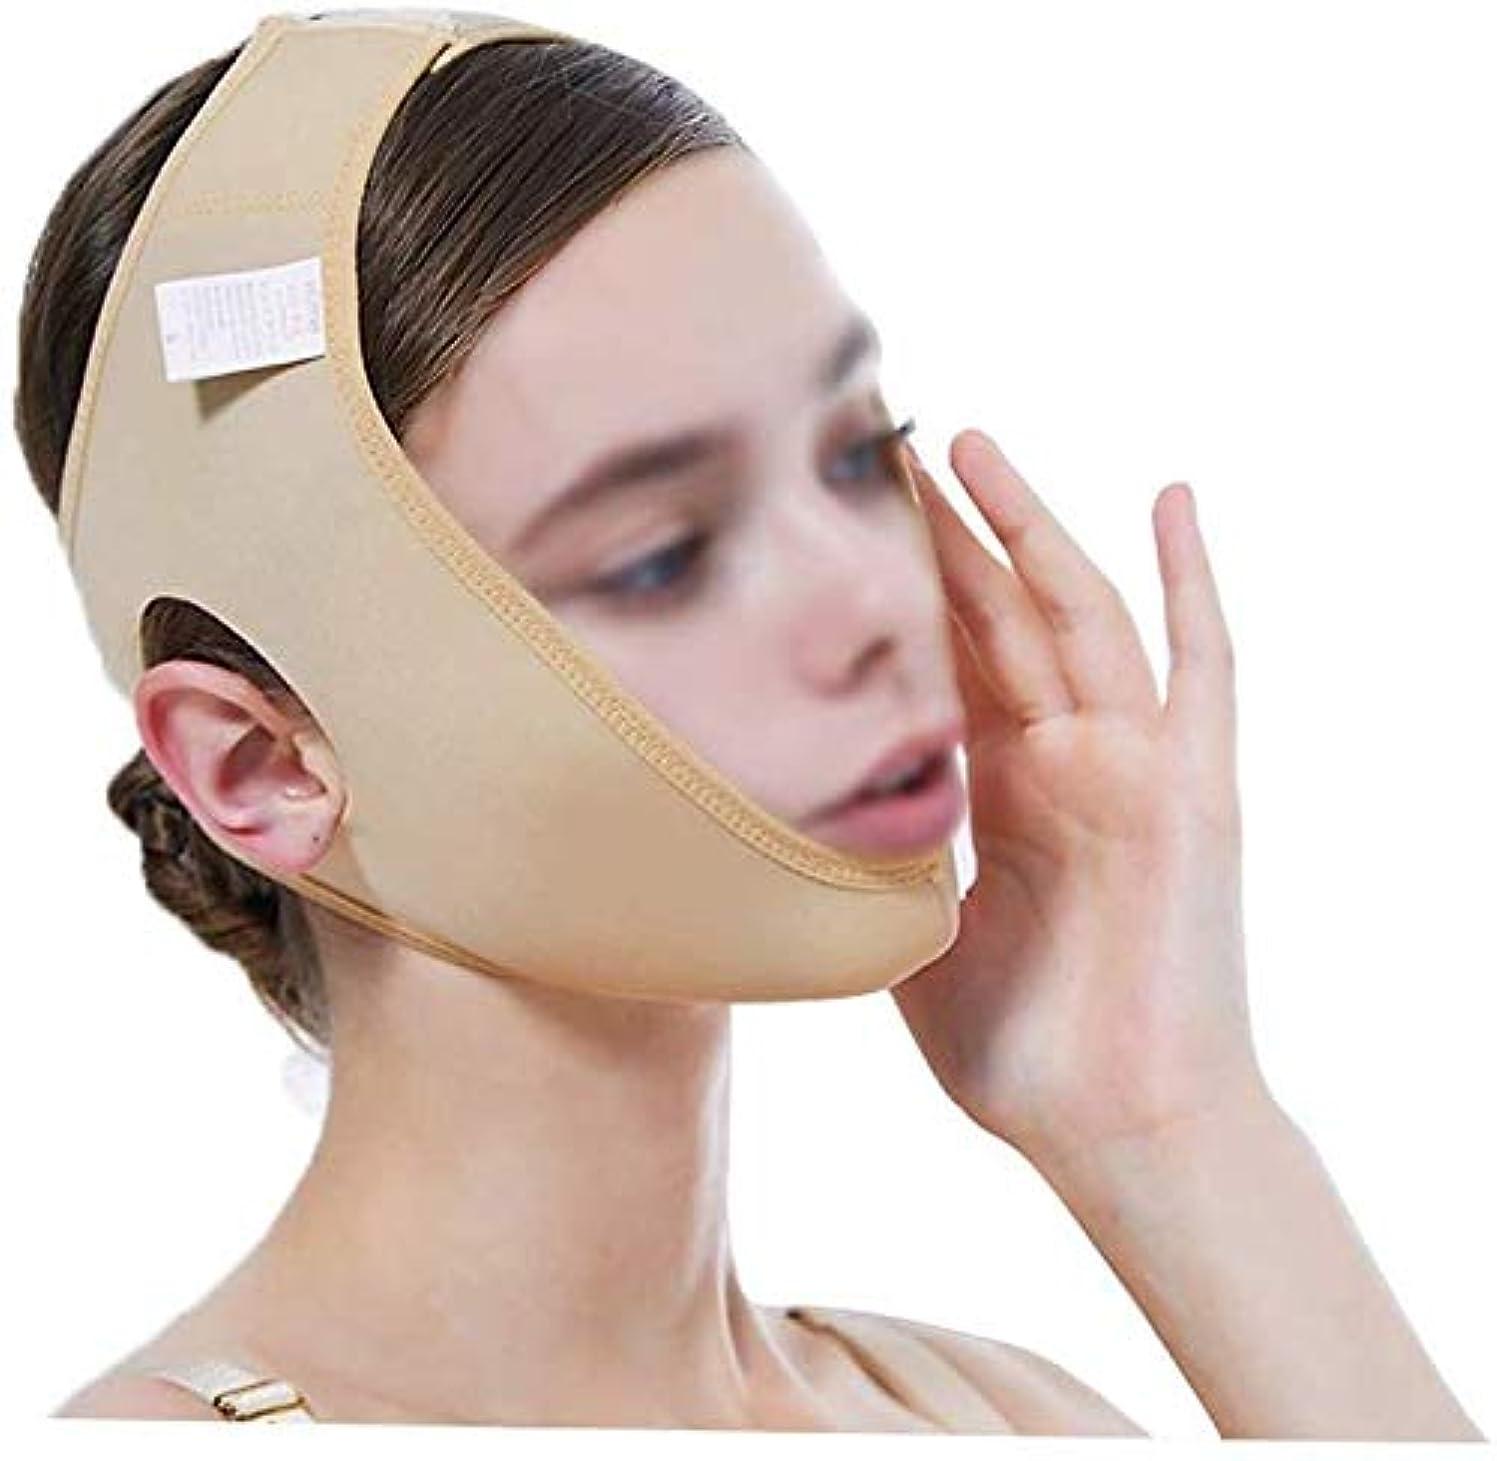 路面電車せせらぎ誇張するスリミングVフェイスマスク、顔と首のリフト、減量ポストヘッド薄型ダブルチンアーティファクトVフェイスビームフェイスジョーセットフェイスマスク(サイズ:M)